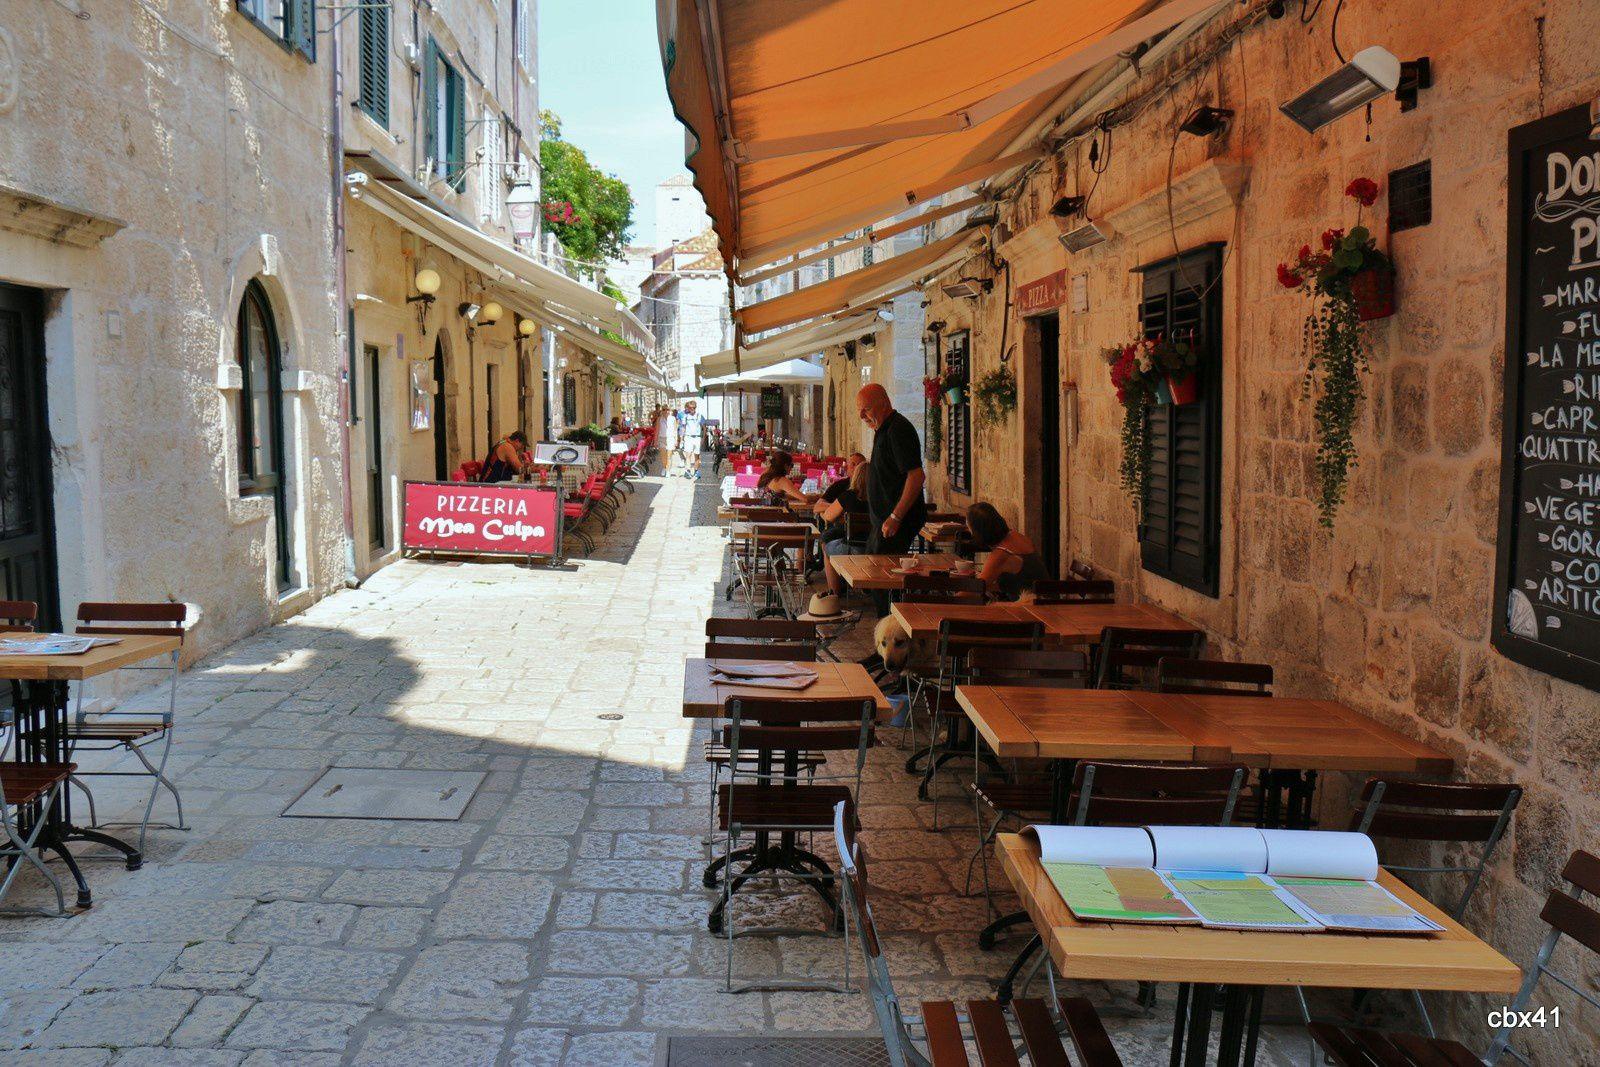 Dans les ruelles de la vieille ville de Dubrovnik (Croatie)